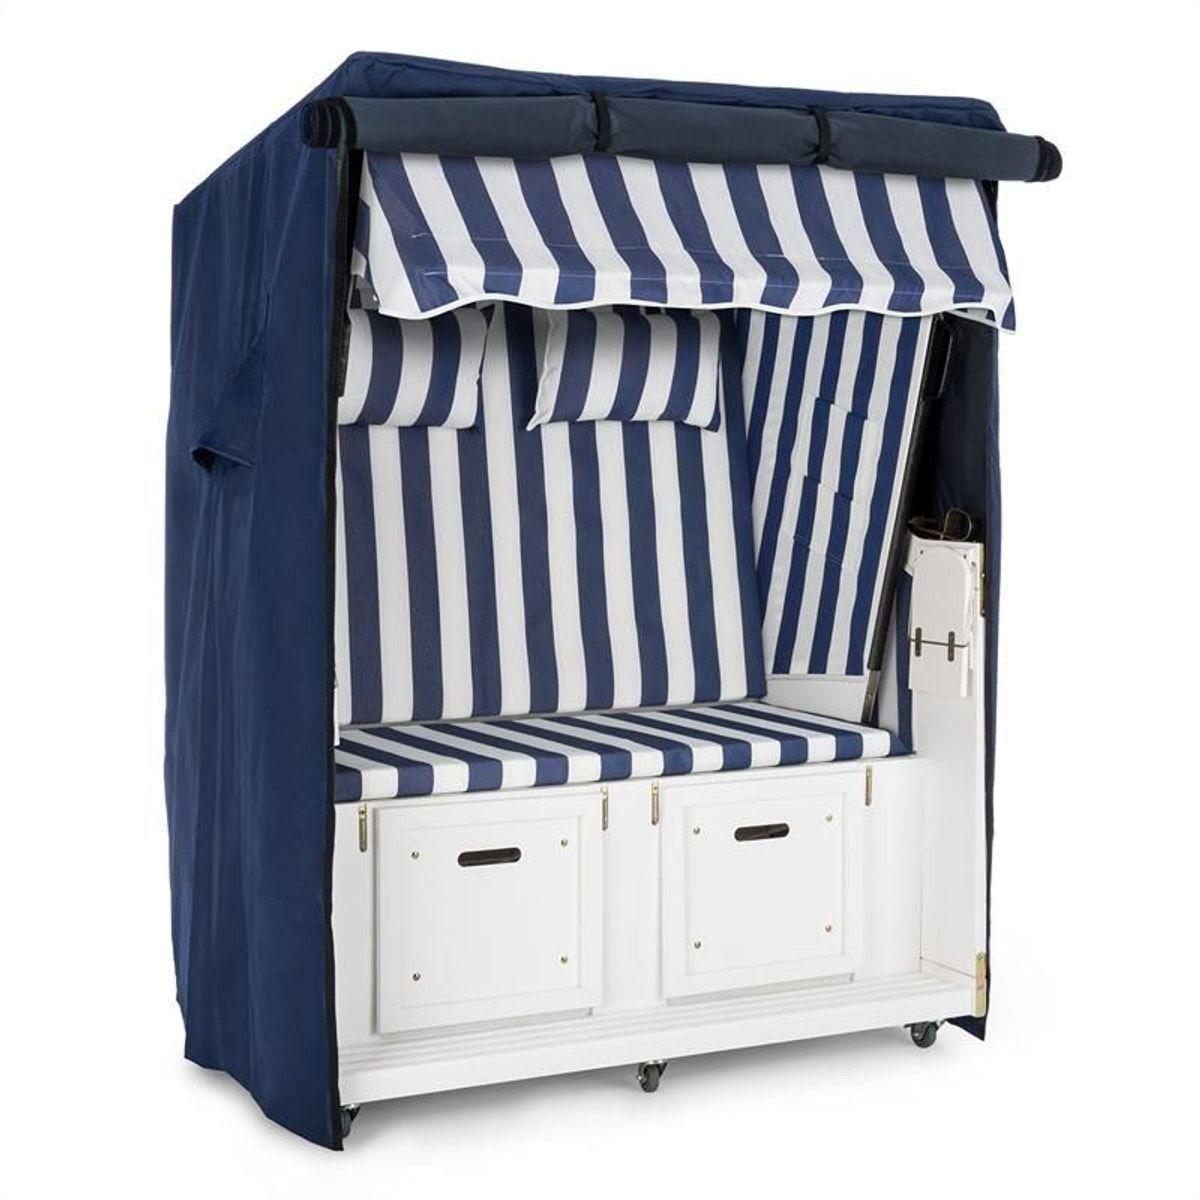 Set Abri Plage Cabine Chaise Longue 2 Places Housse Roulettes Bleu Taille Taille Unique Cabine De Plage Abri Plage Et Abri De Plage